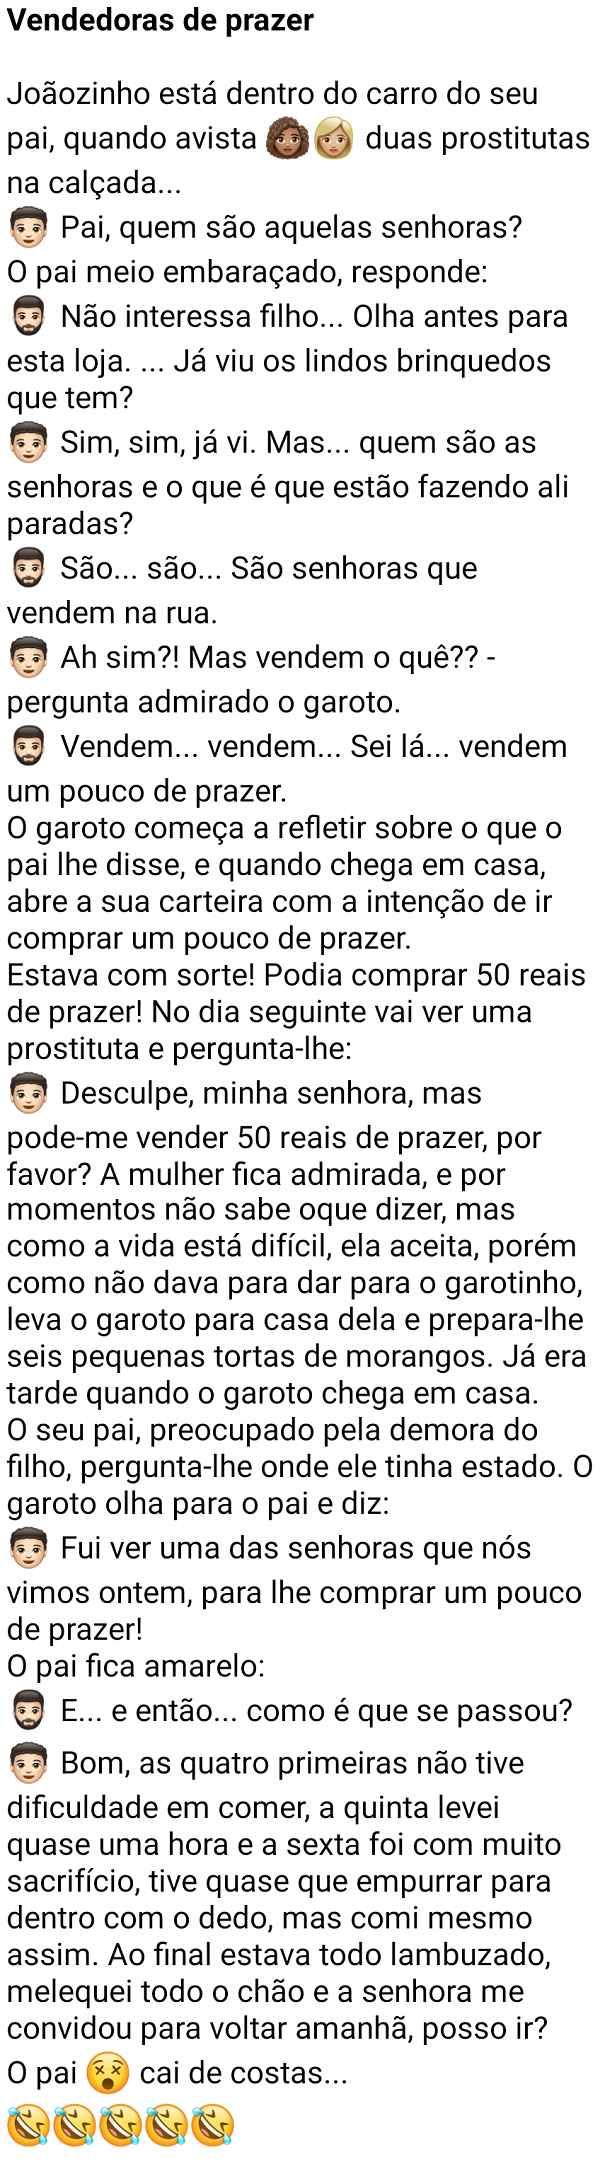 Vendedoras de prazer. Joãozinho vê duas mulheres na rua rodando bolsinha e pergunta ao pai quem são aquelas mulheres....